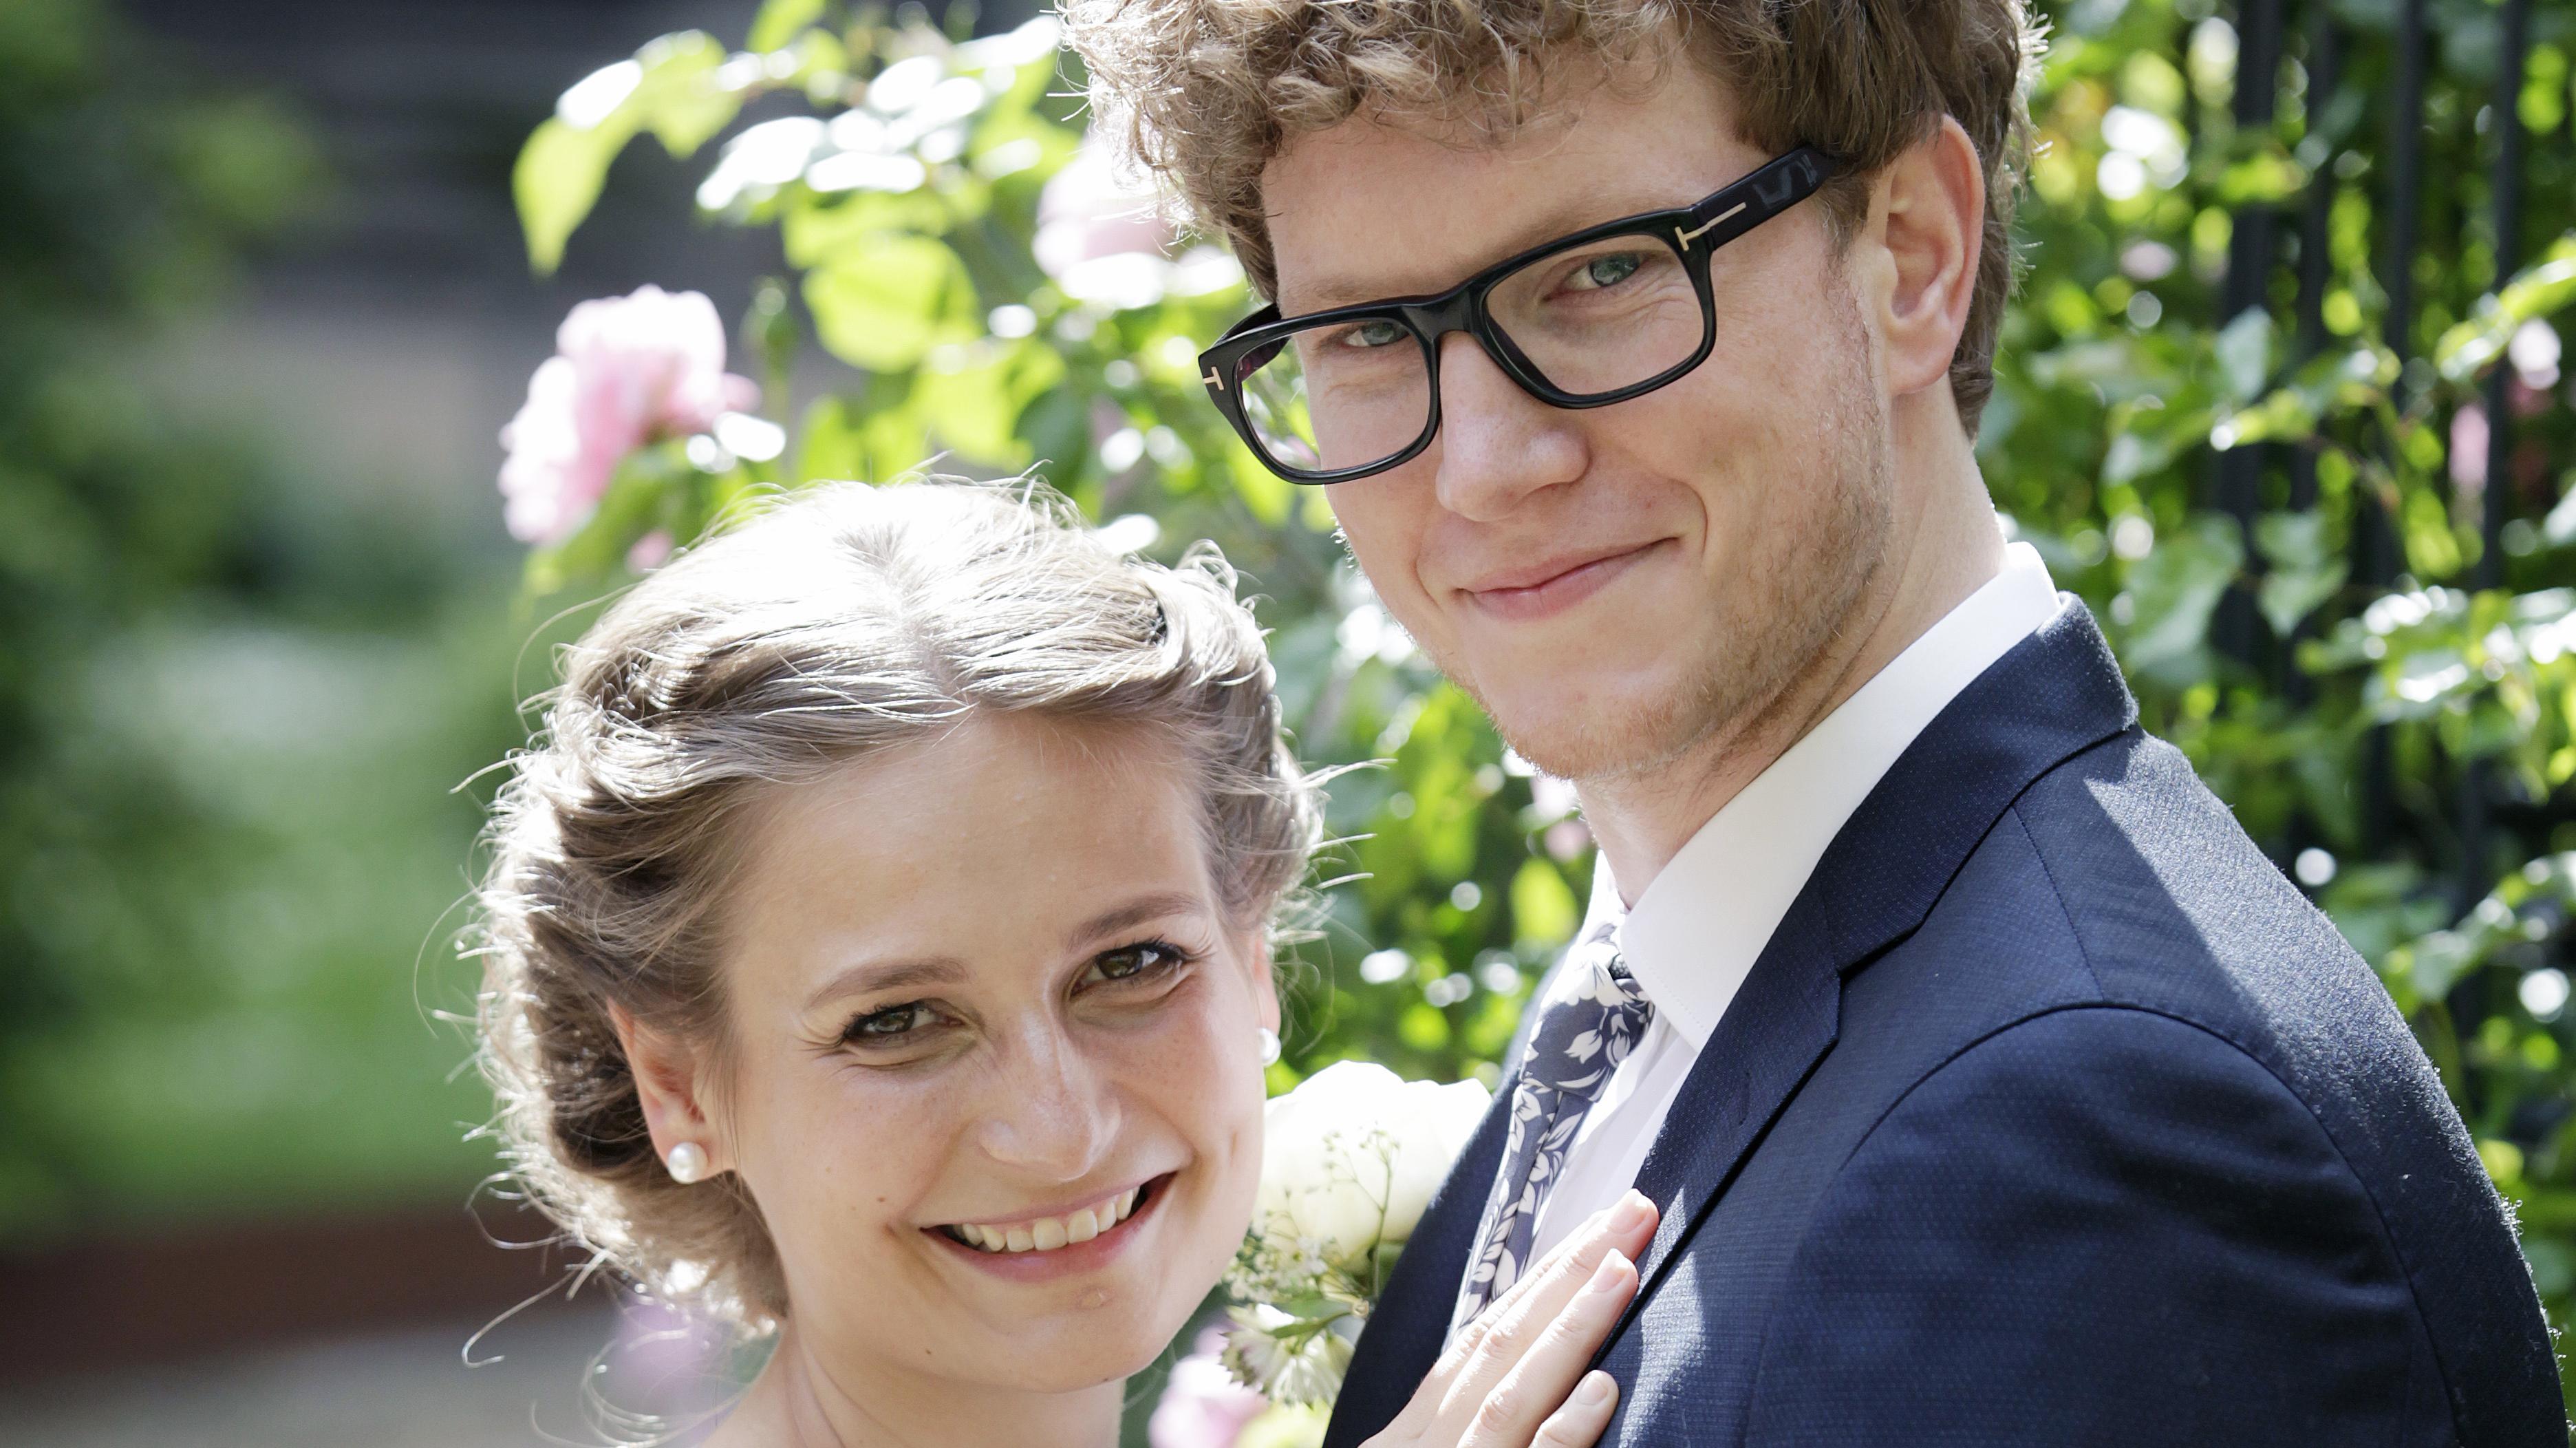 Gift ved første blik III